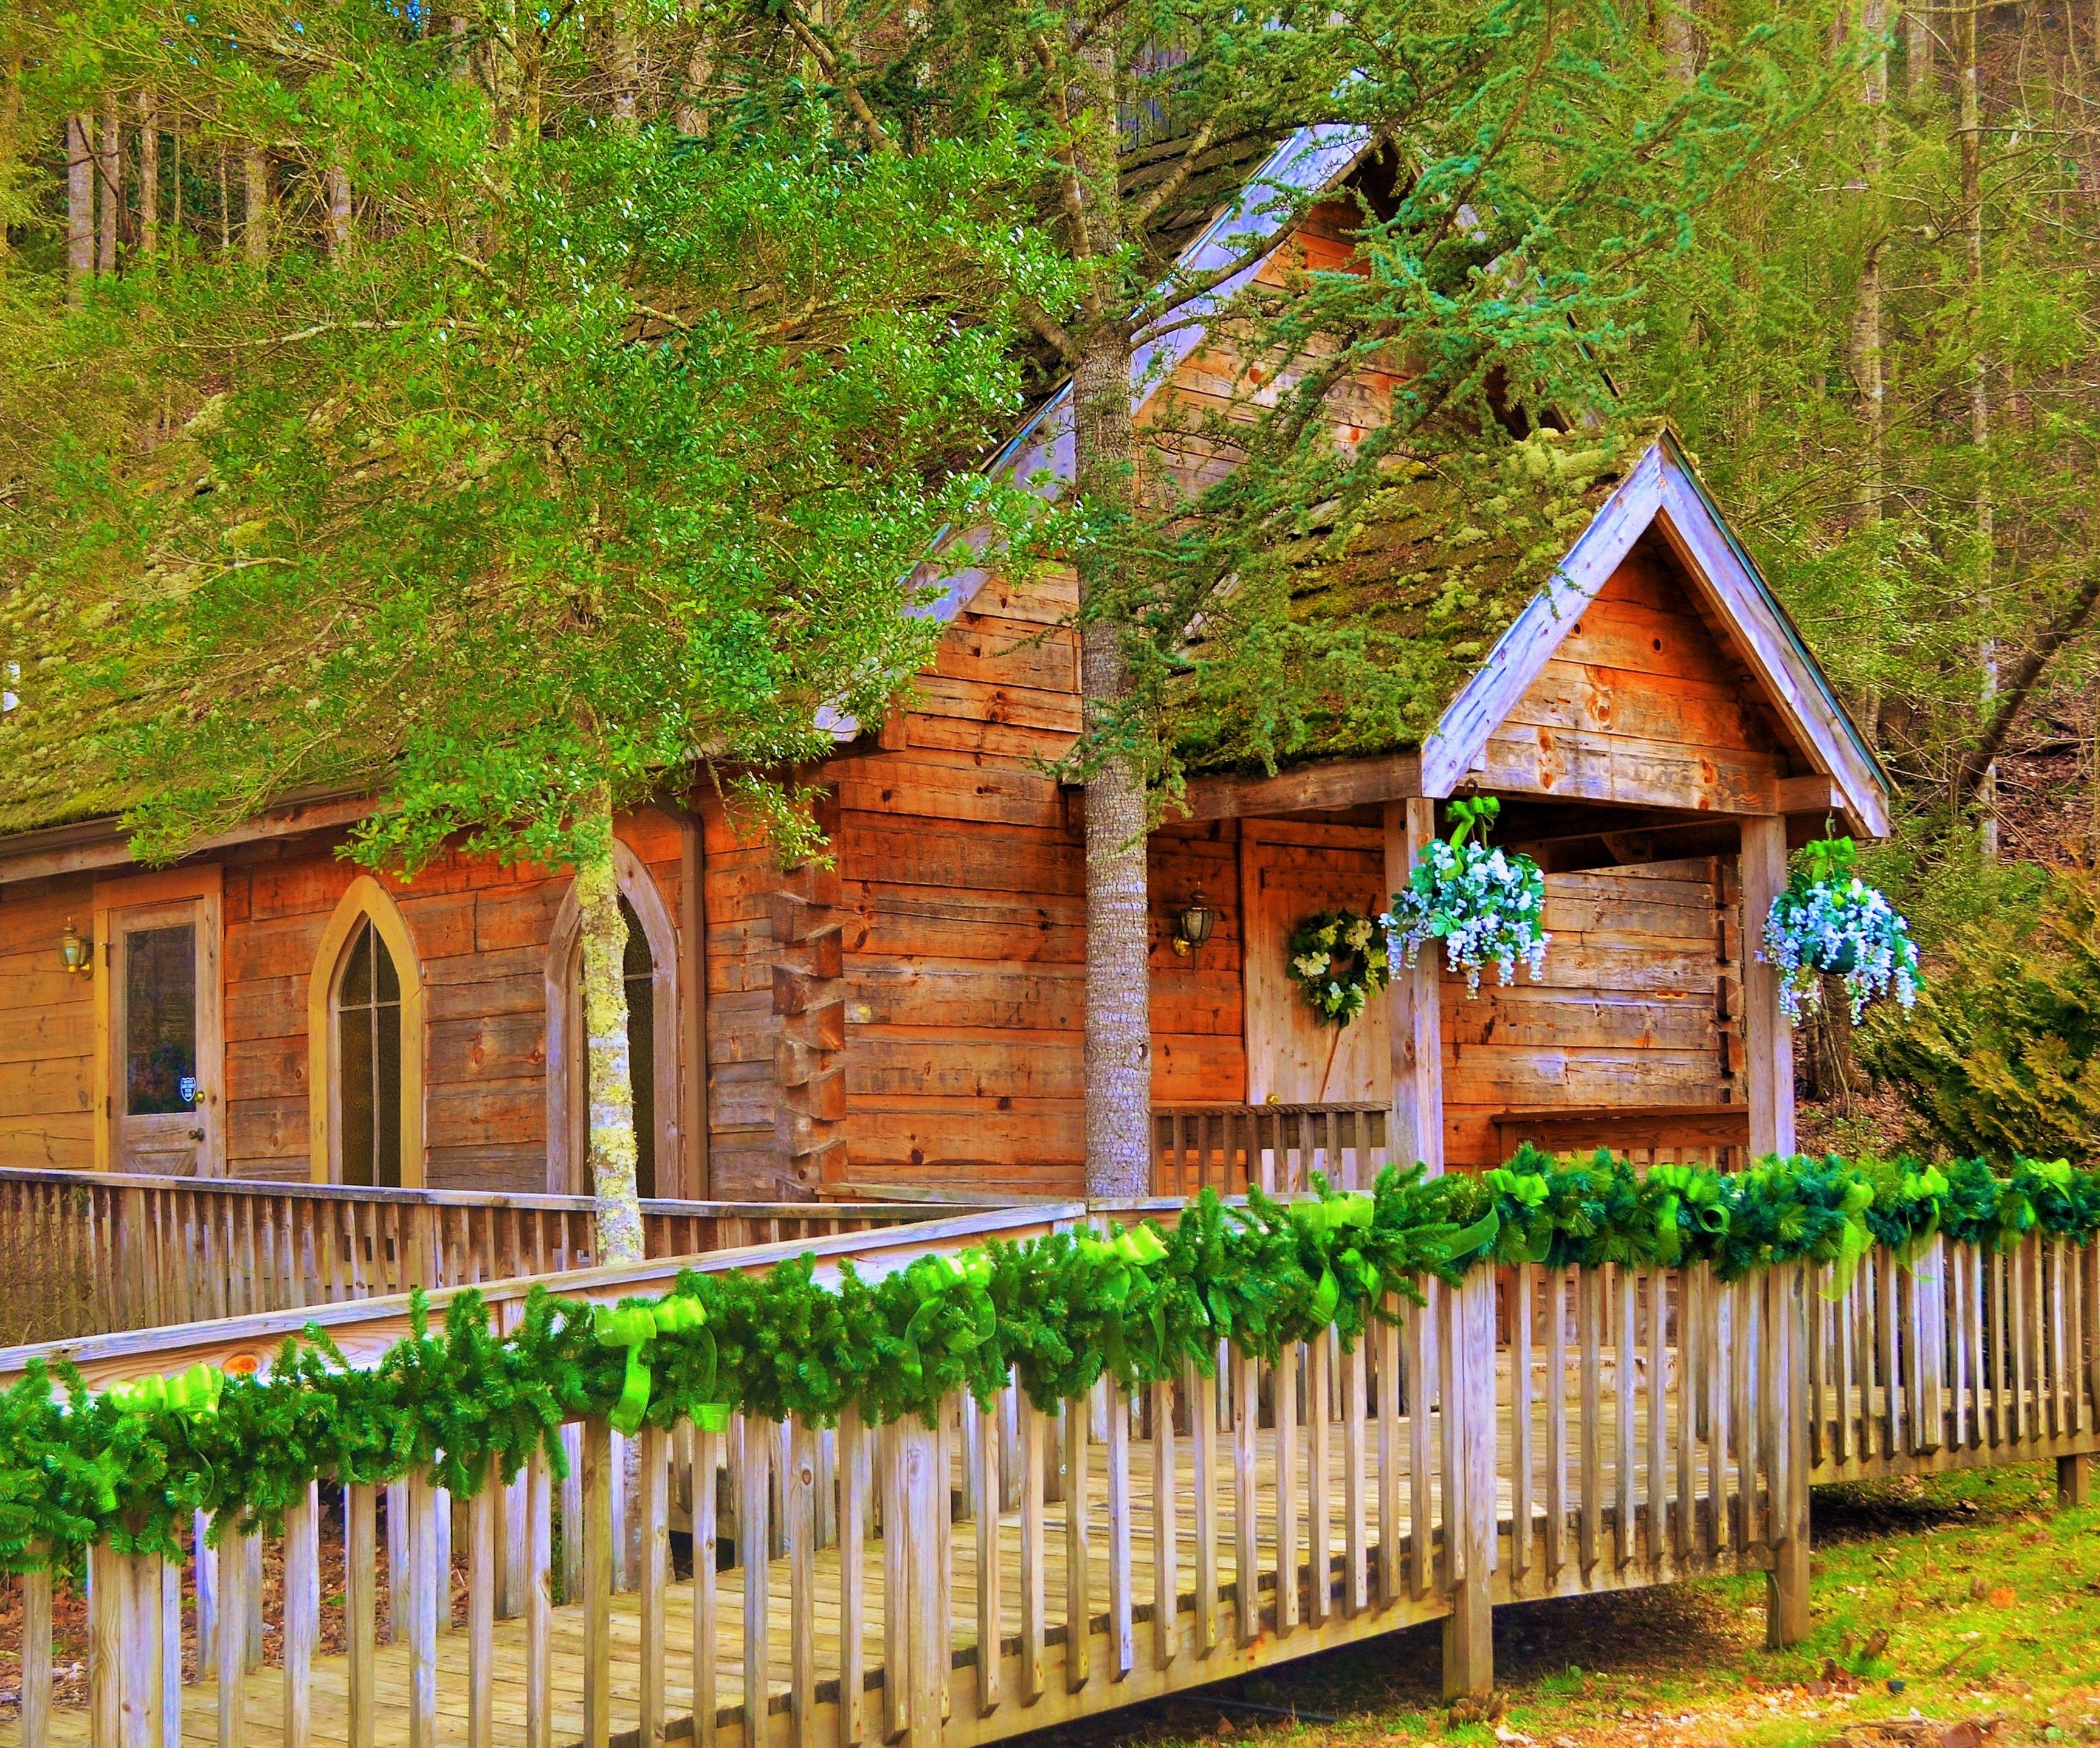 Fiddlers dream chapel weddings romance in gatlinburg